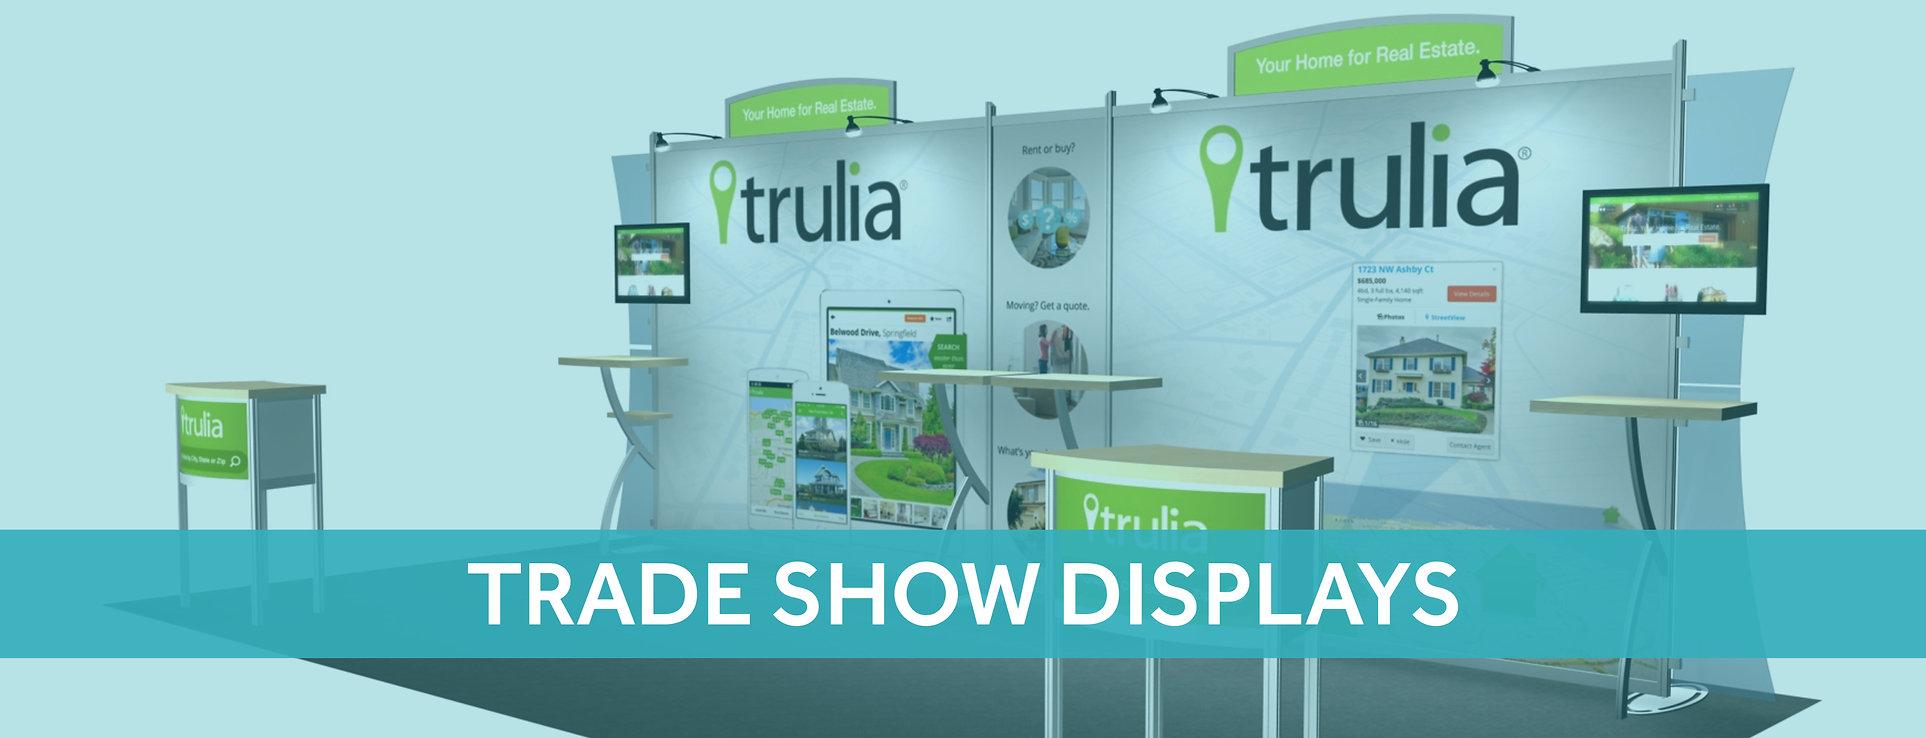 Trade Show Design.jpg